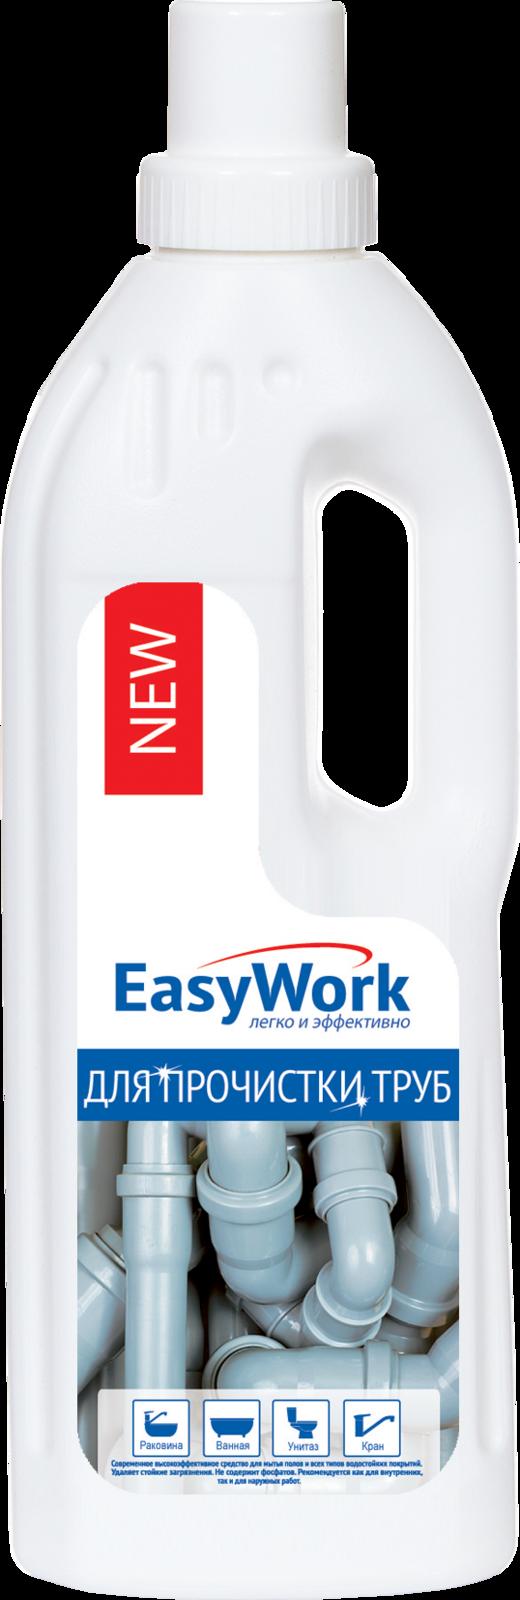 Средство для прочистки труб EasyWork, 303477, 750 мл